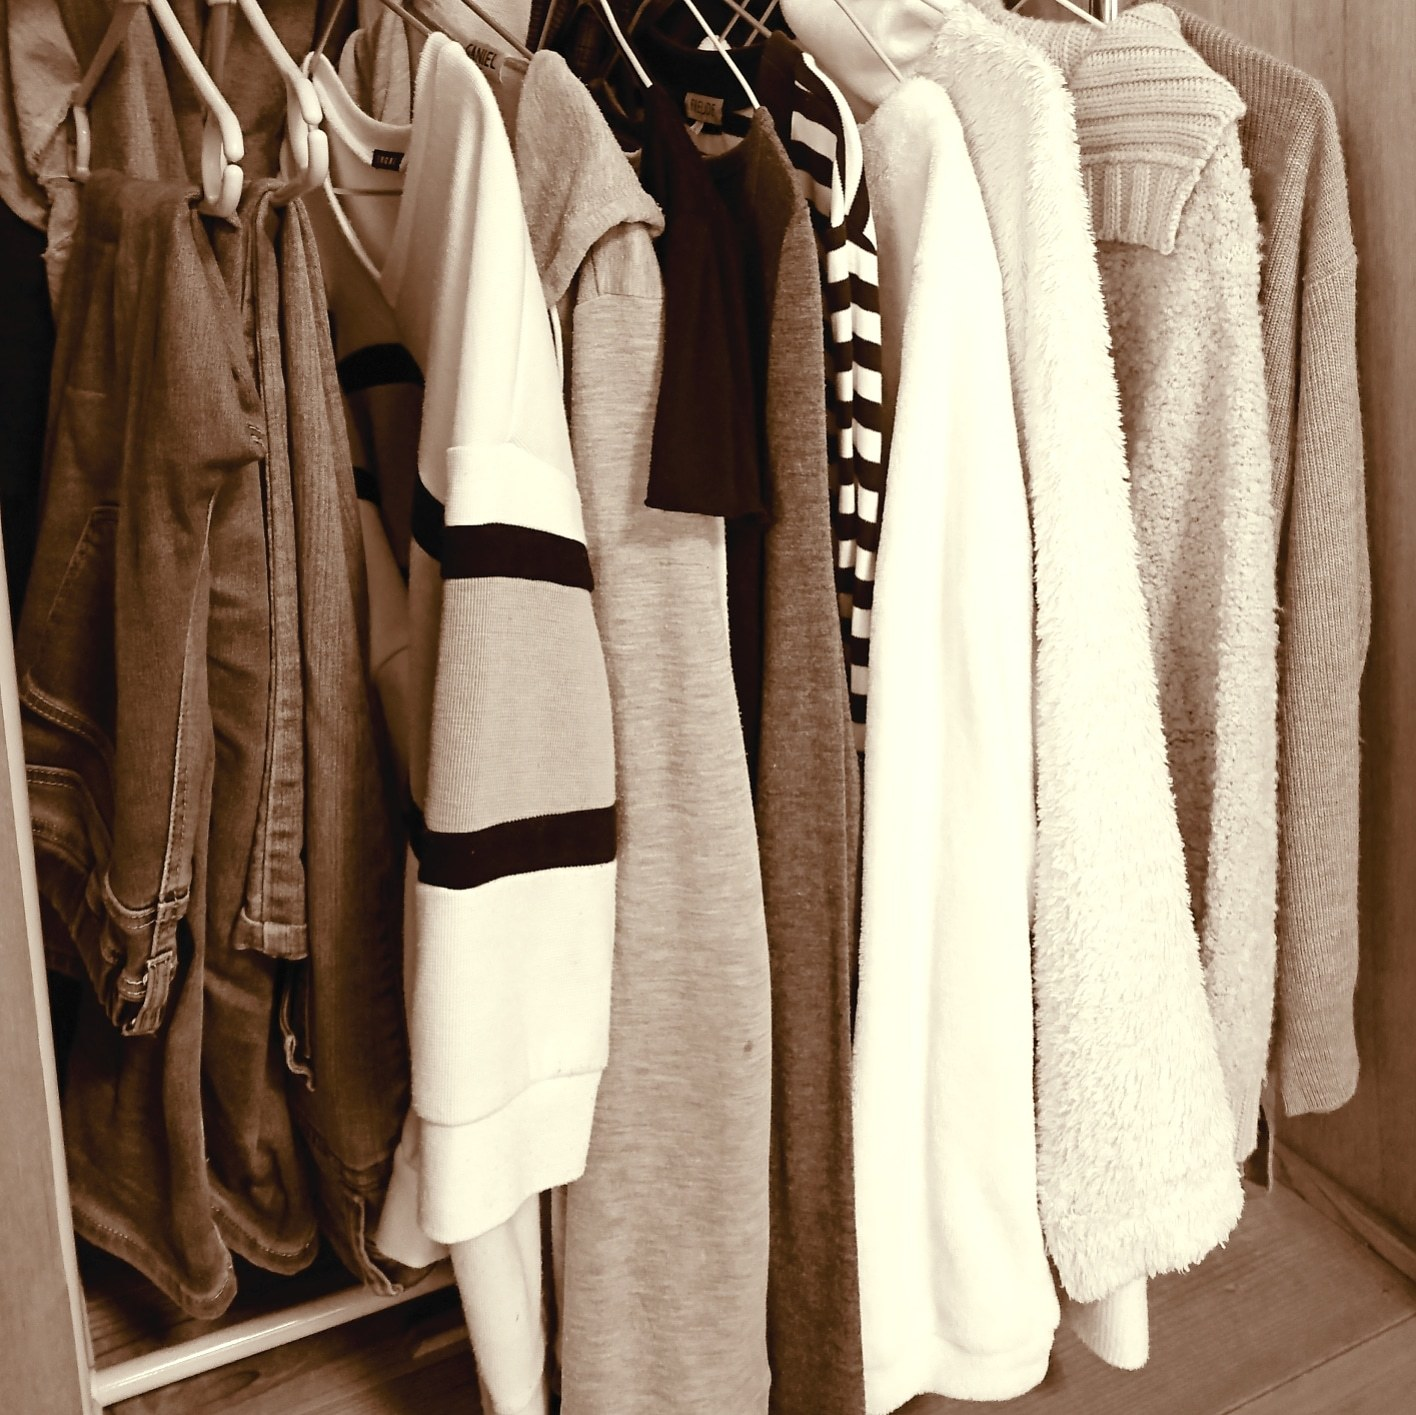 ++服の断捨離&冬服*&風水*++_e0354456_15485007.jpg